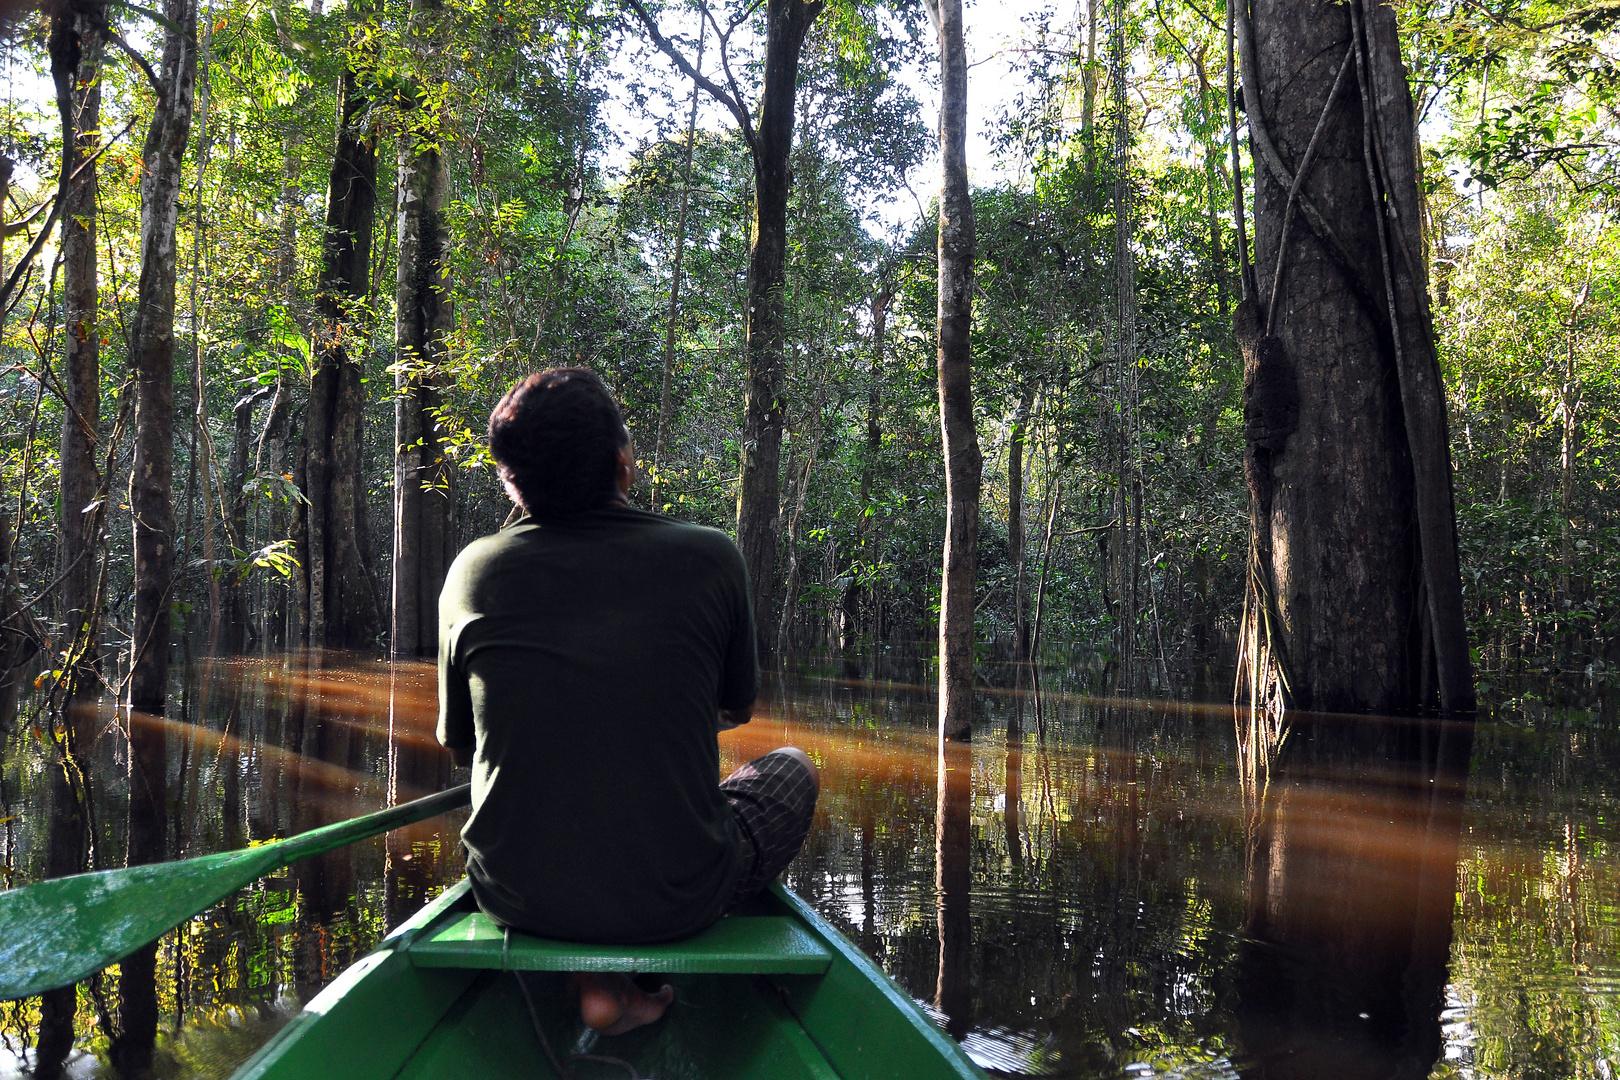 gefluteter Amazonas in Brasilien , mit dem Kanu von Baum zu Baum